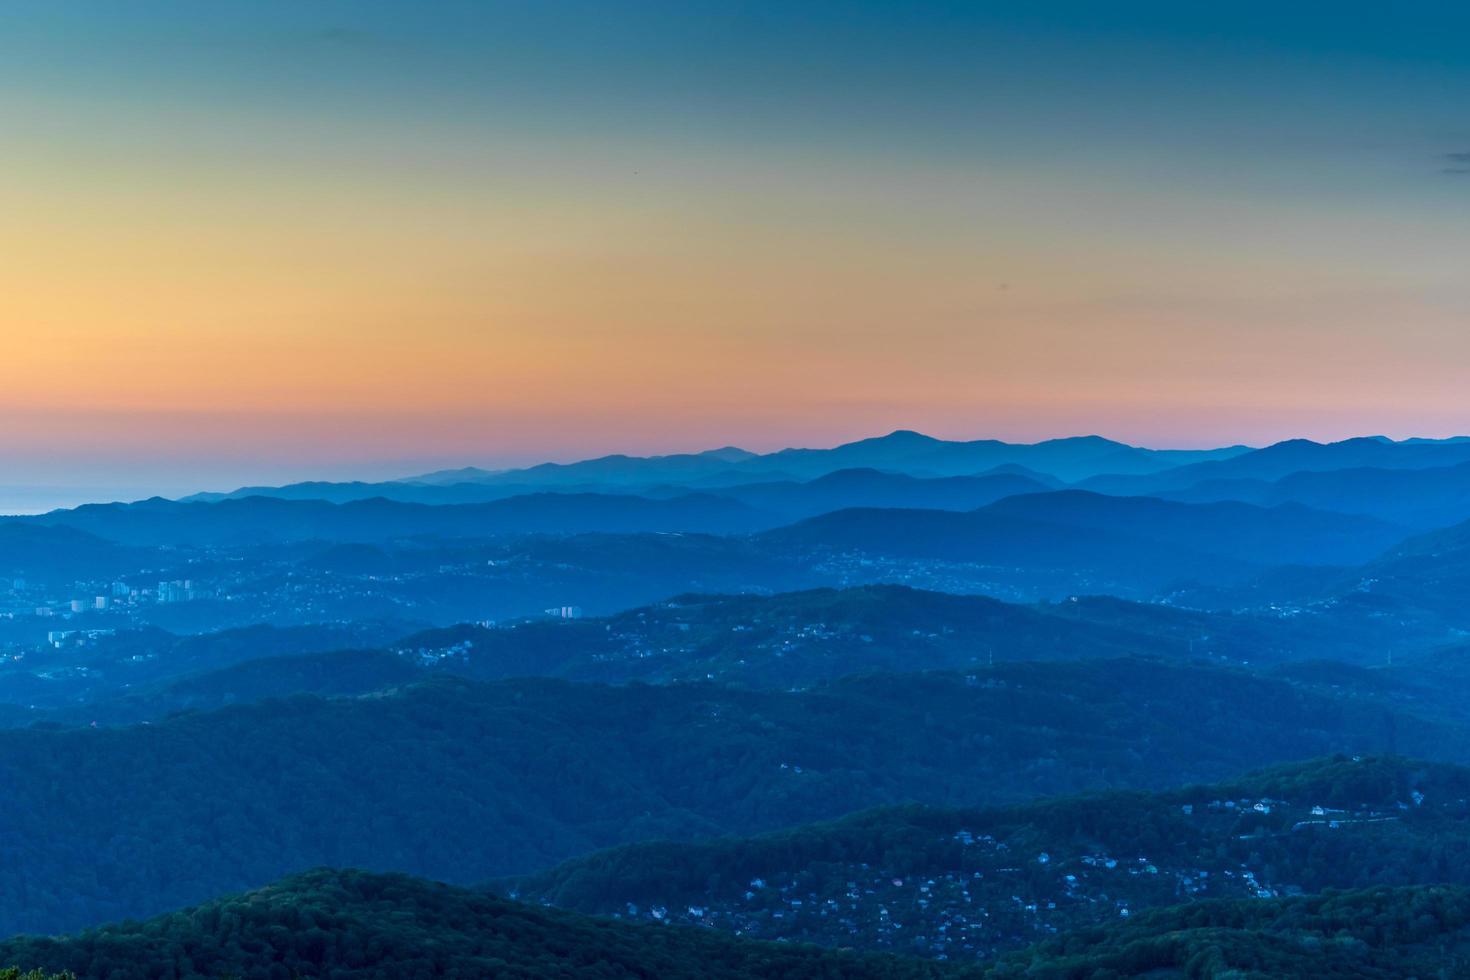 paesaggio di montagna con diversi filari di colline al tramonto. foto